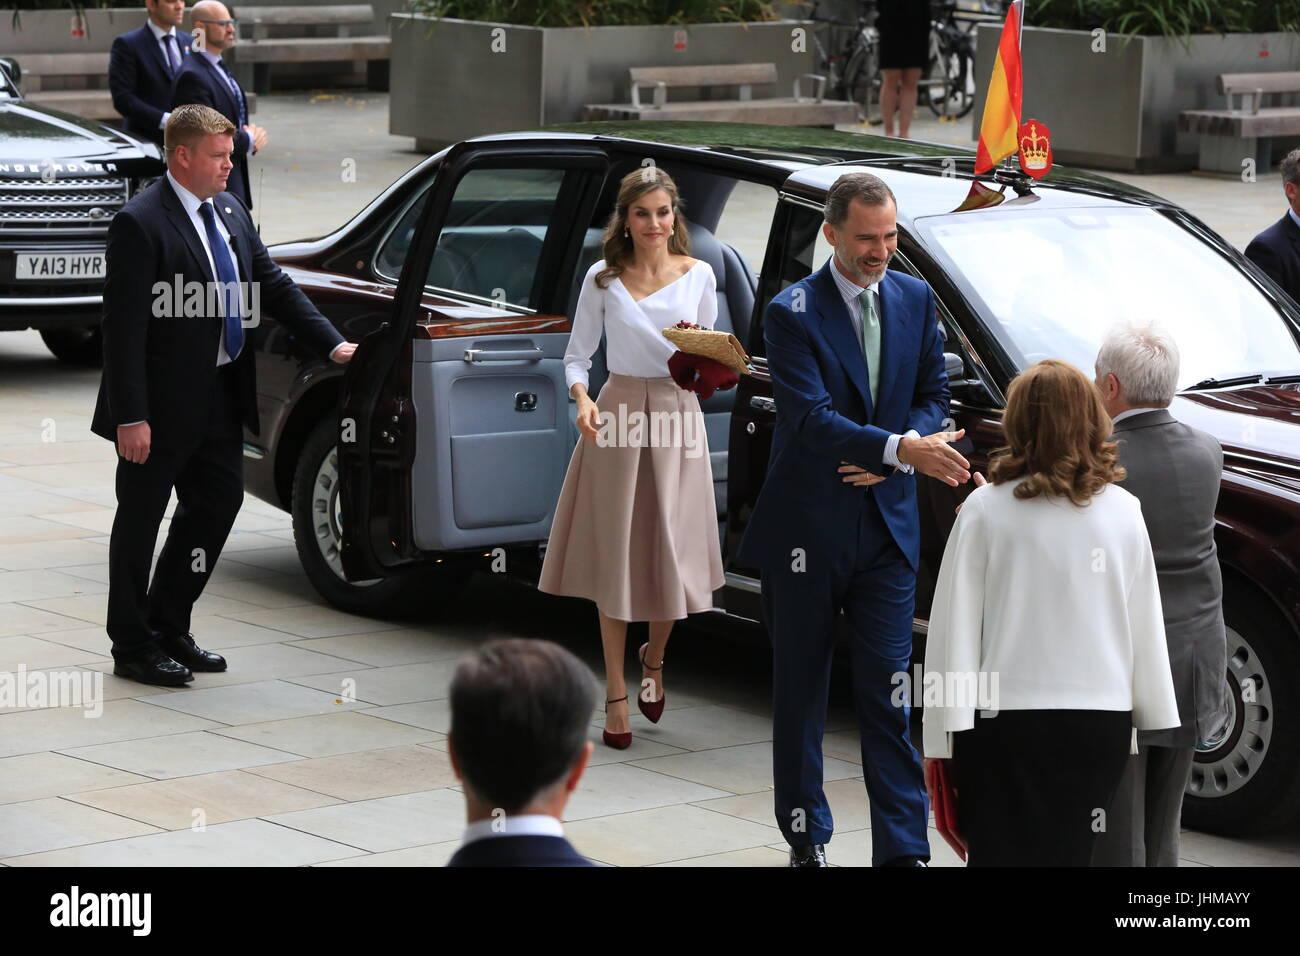 König Felipe Vi Von Spanien Und Seine Frau Königin Letizia